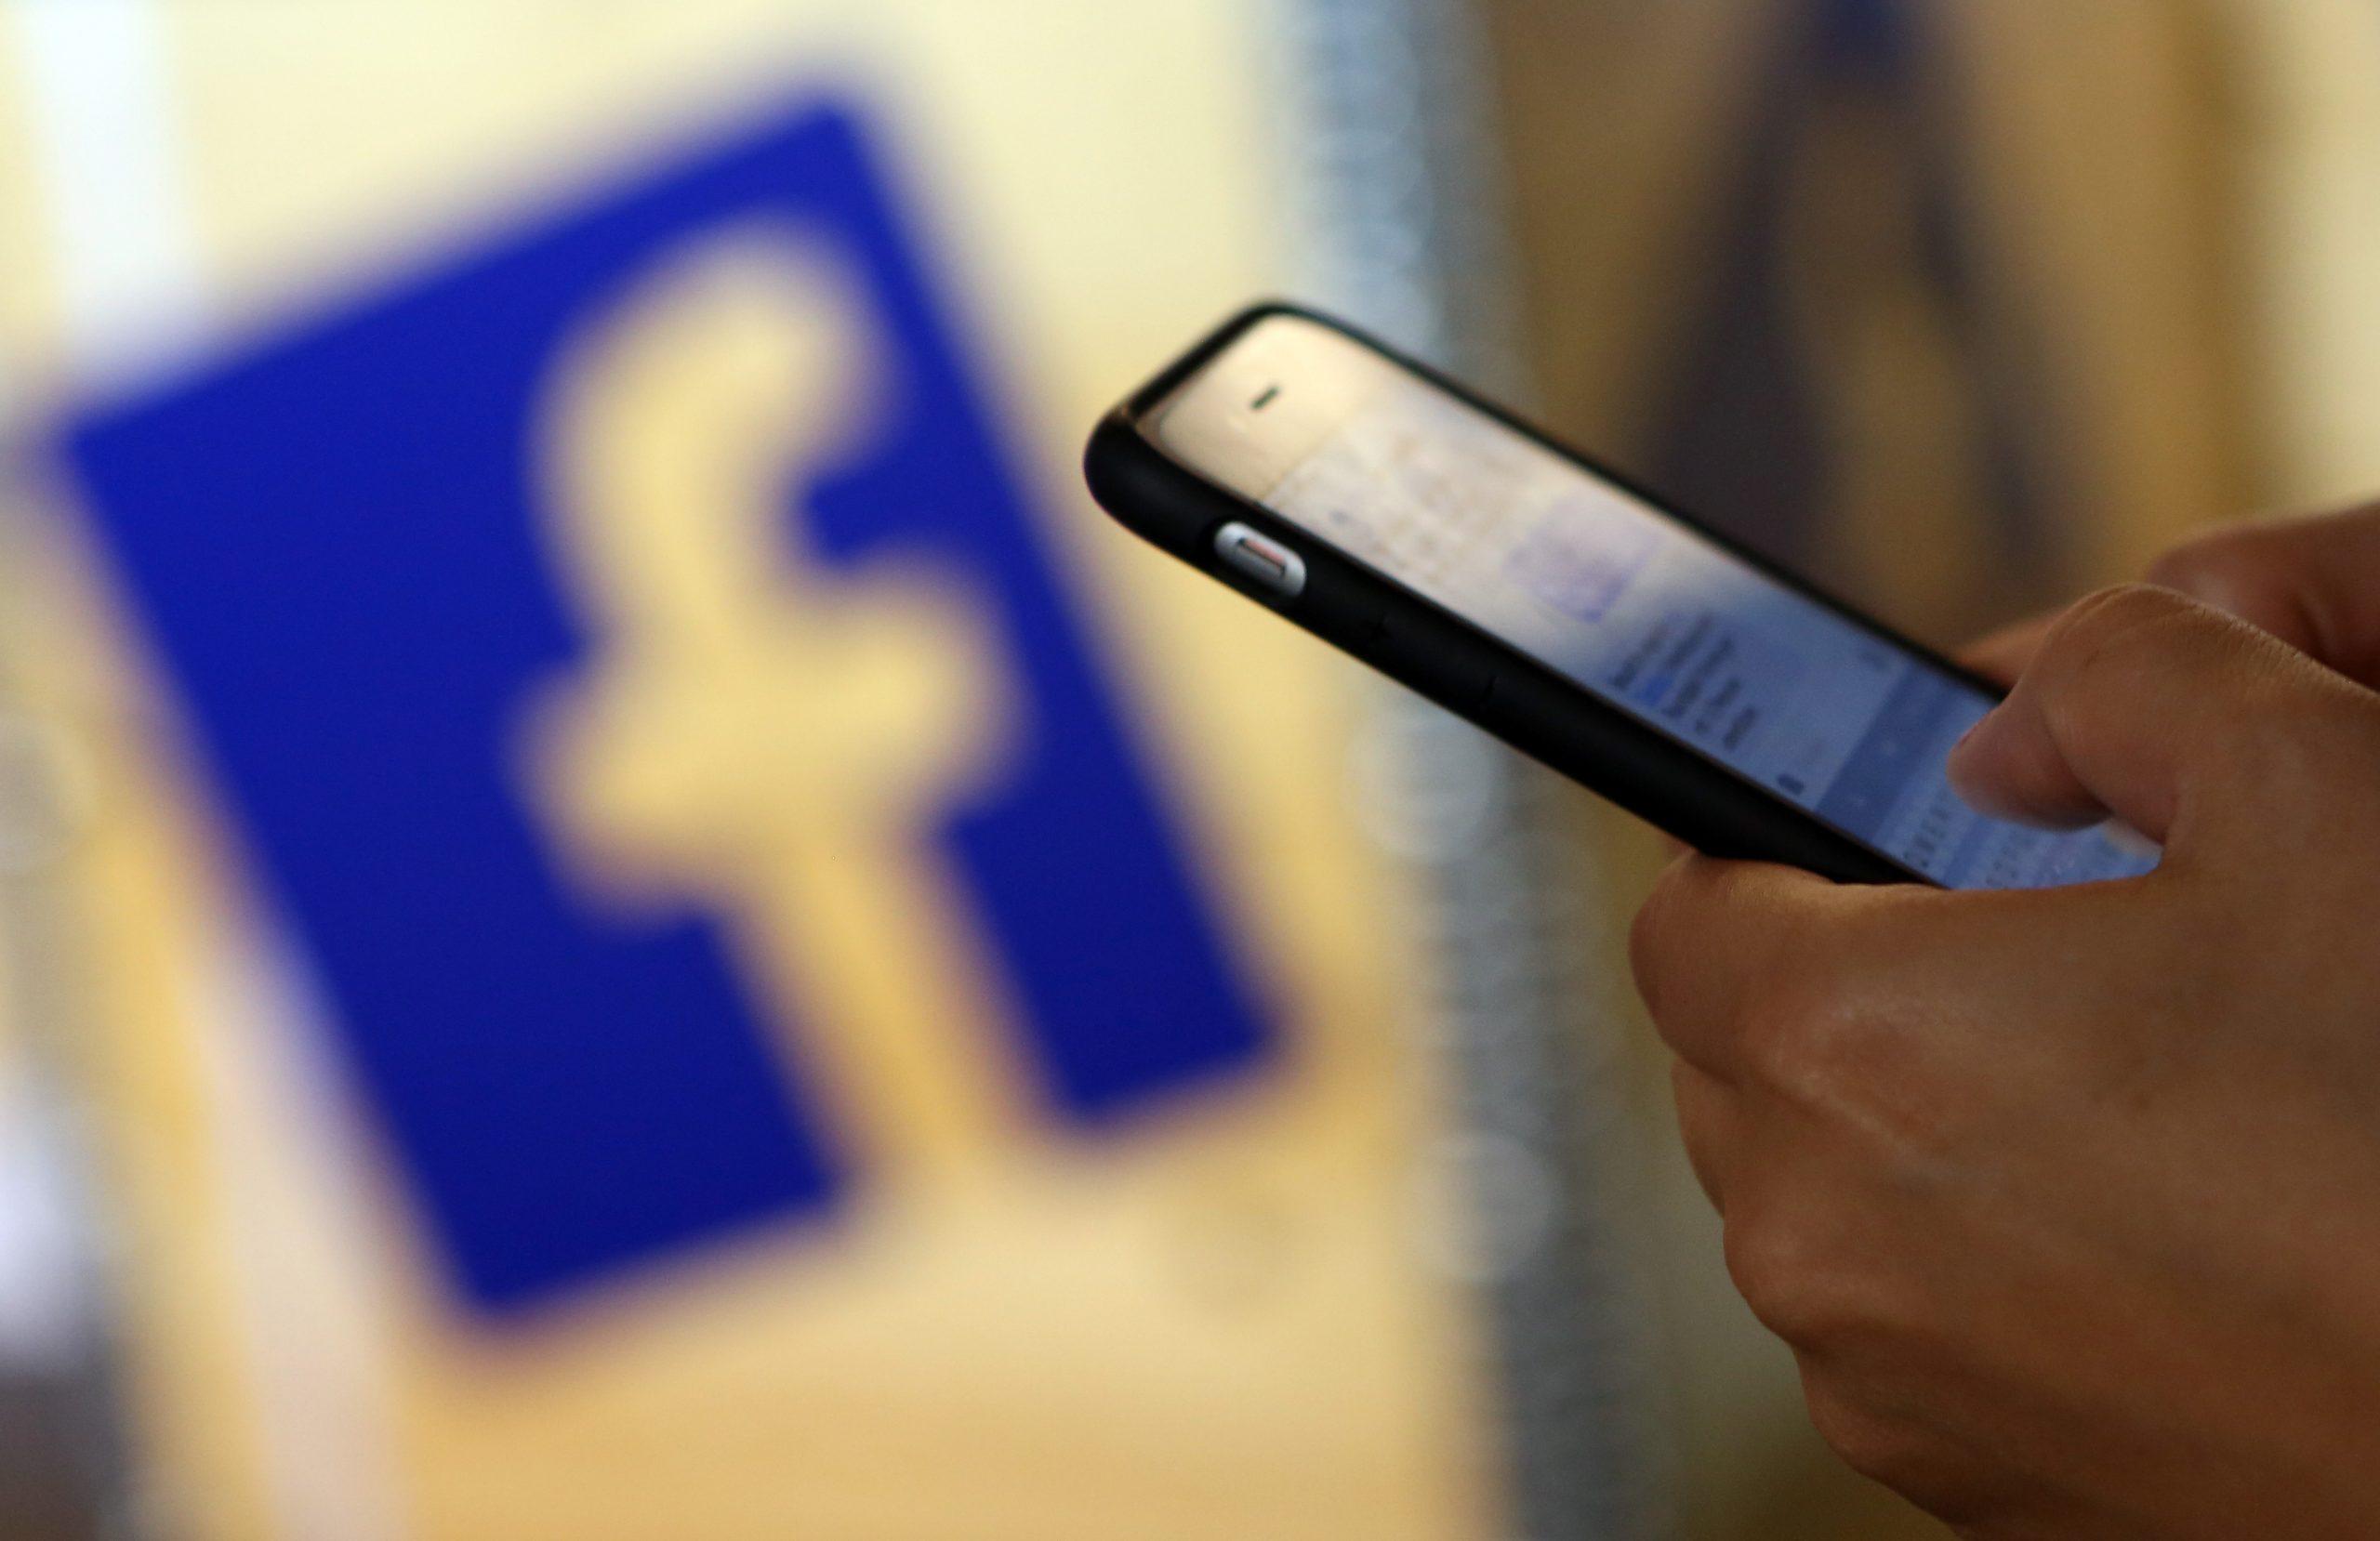 pessoa com celular na mão e logo do Facebook ao fundo